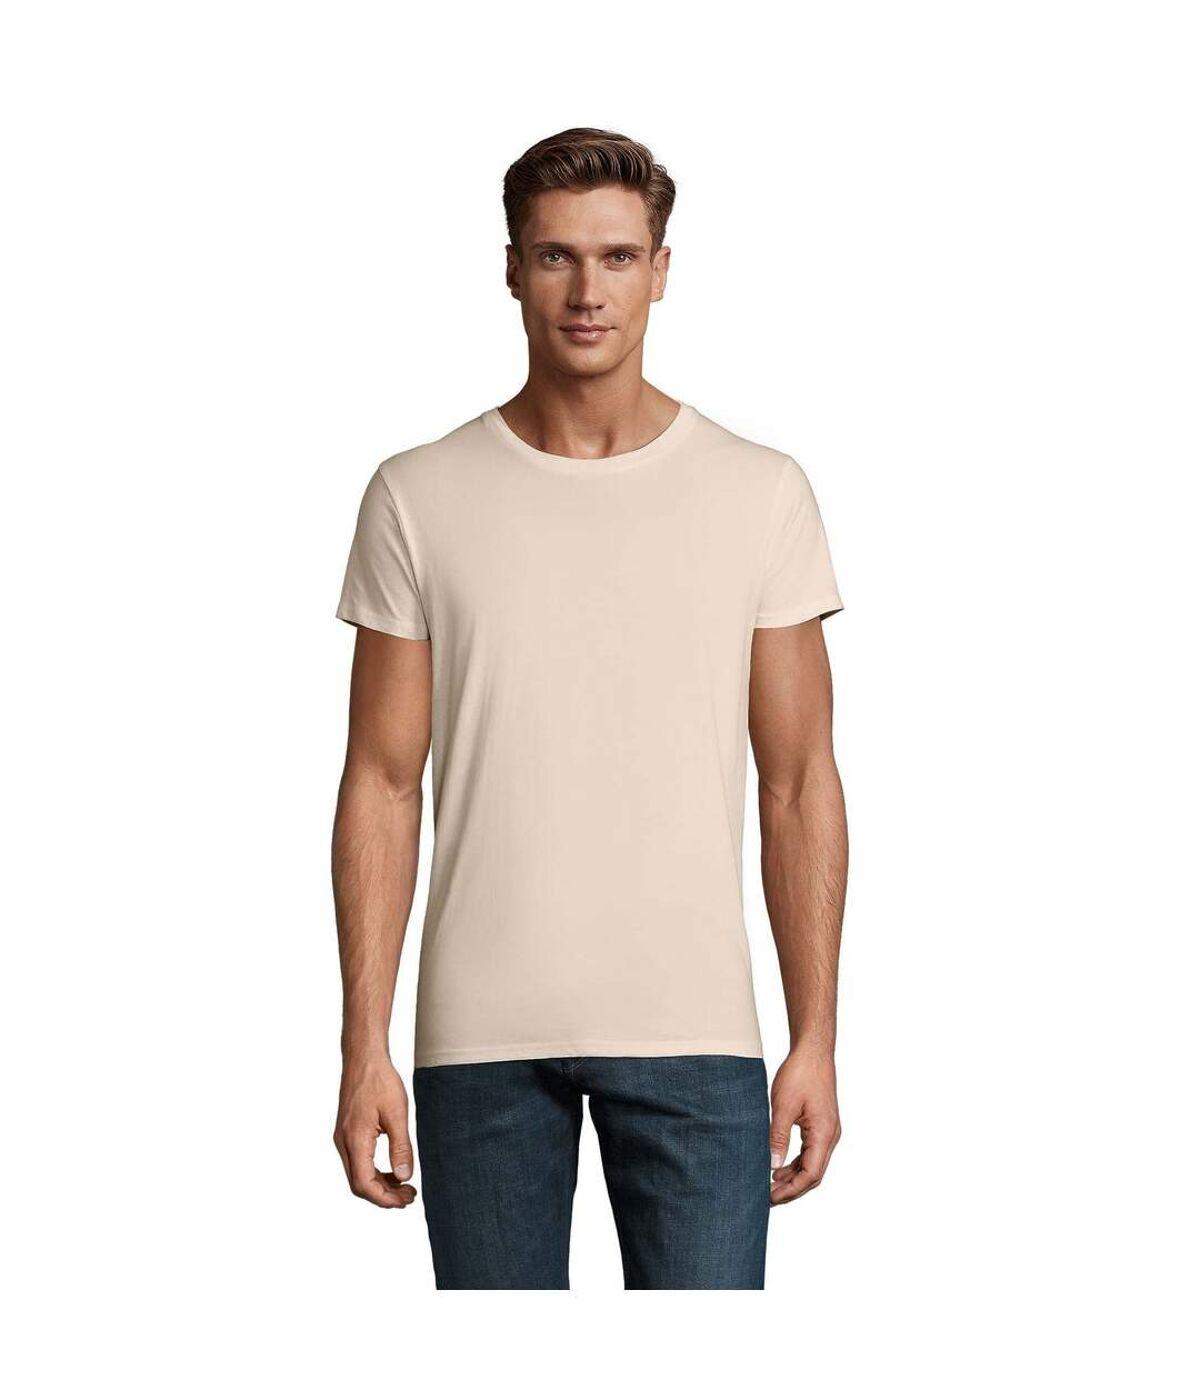 SOLS Mens Crusader Organic T-Shirt (Natural) - UTPC4316